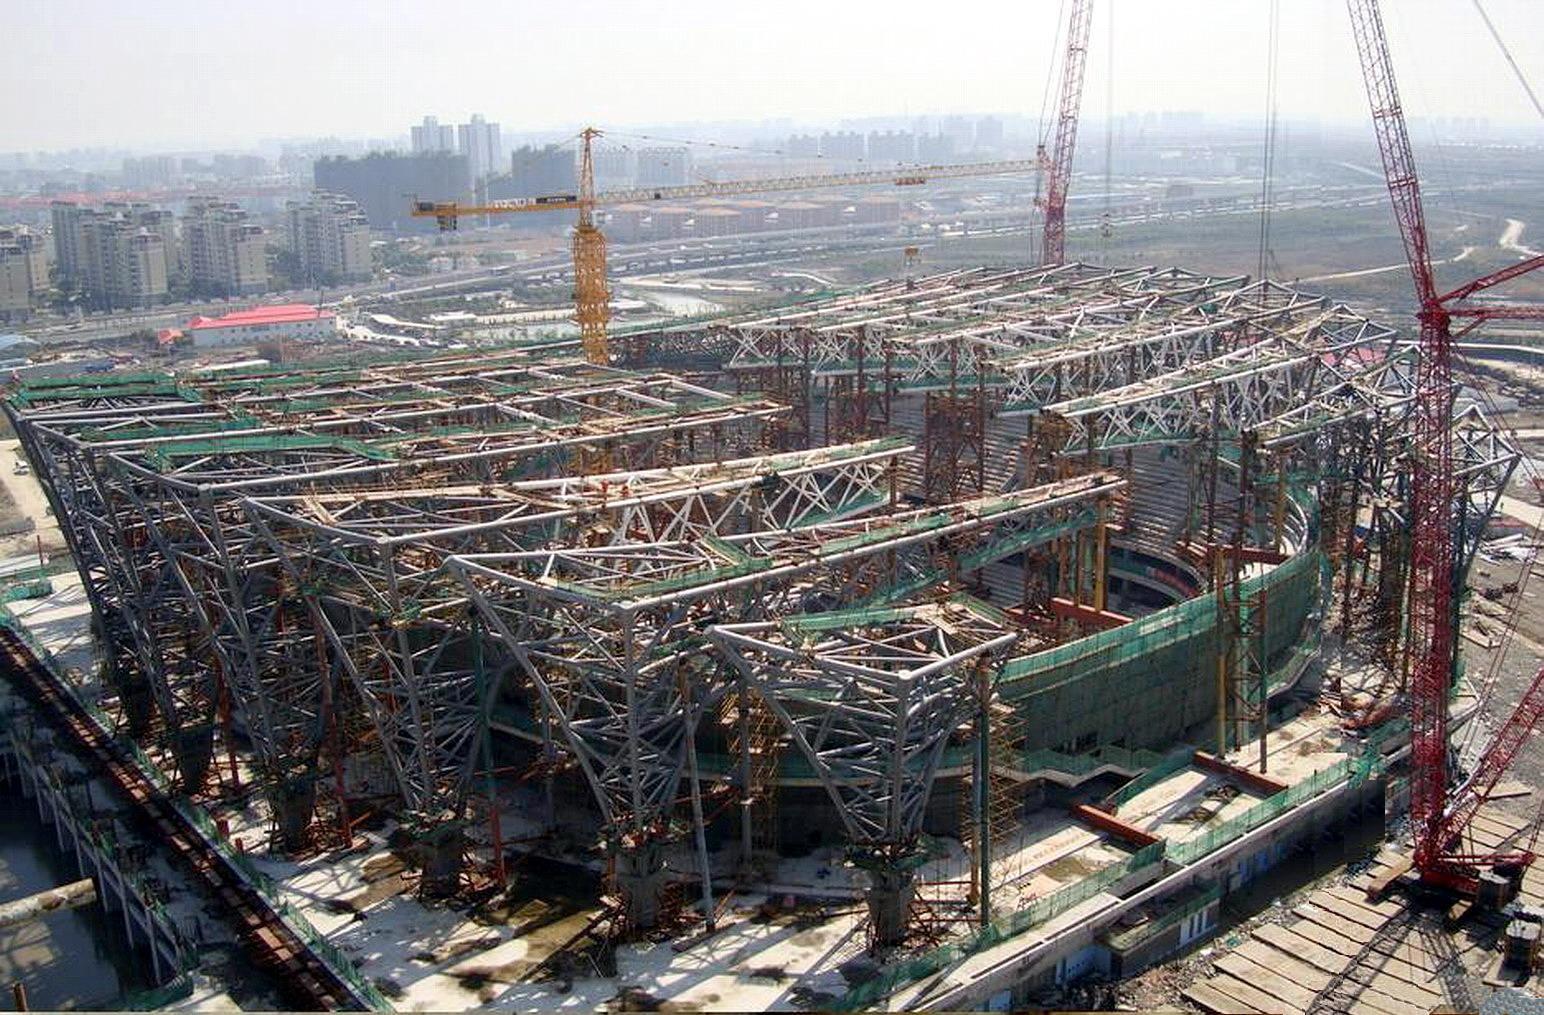 宝钢钢构有限公司(原上海冠达尔钢结构有限公司)